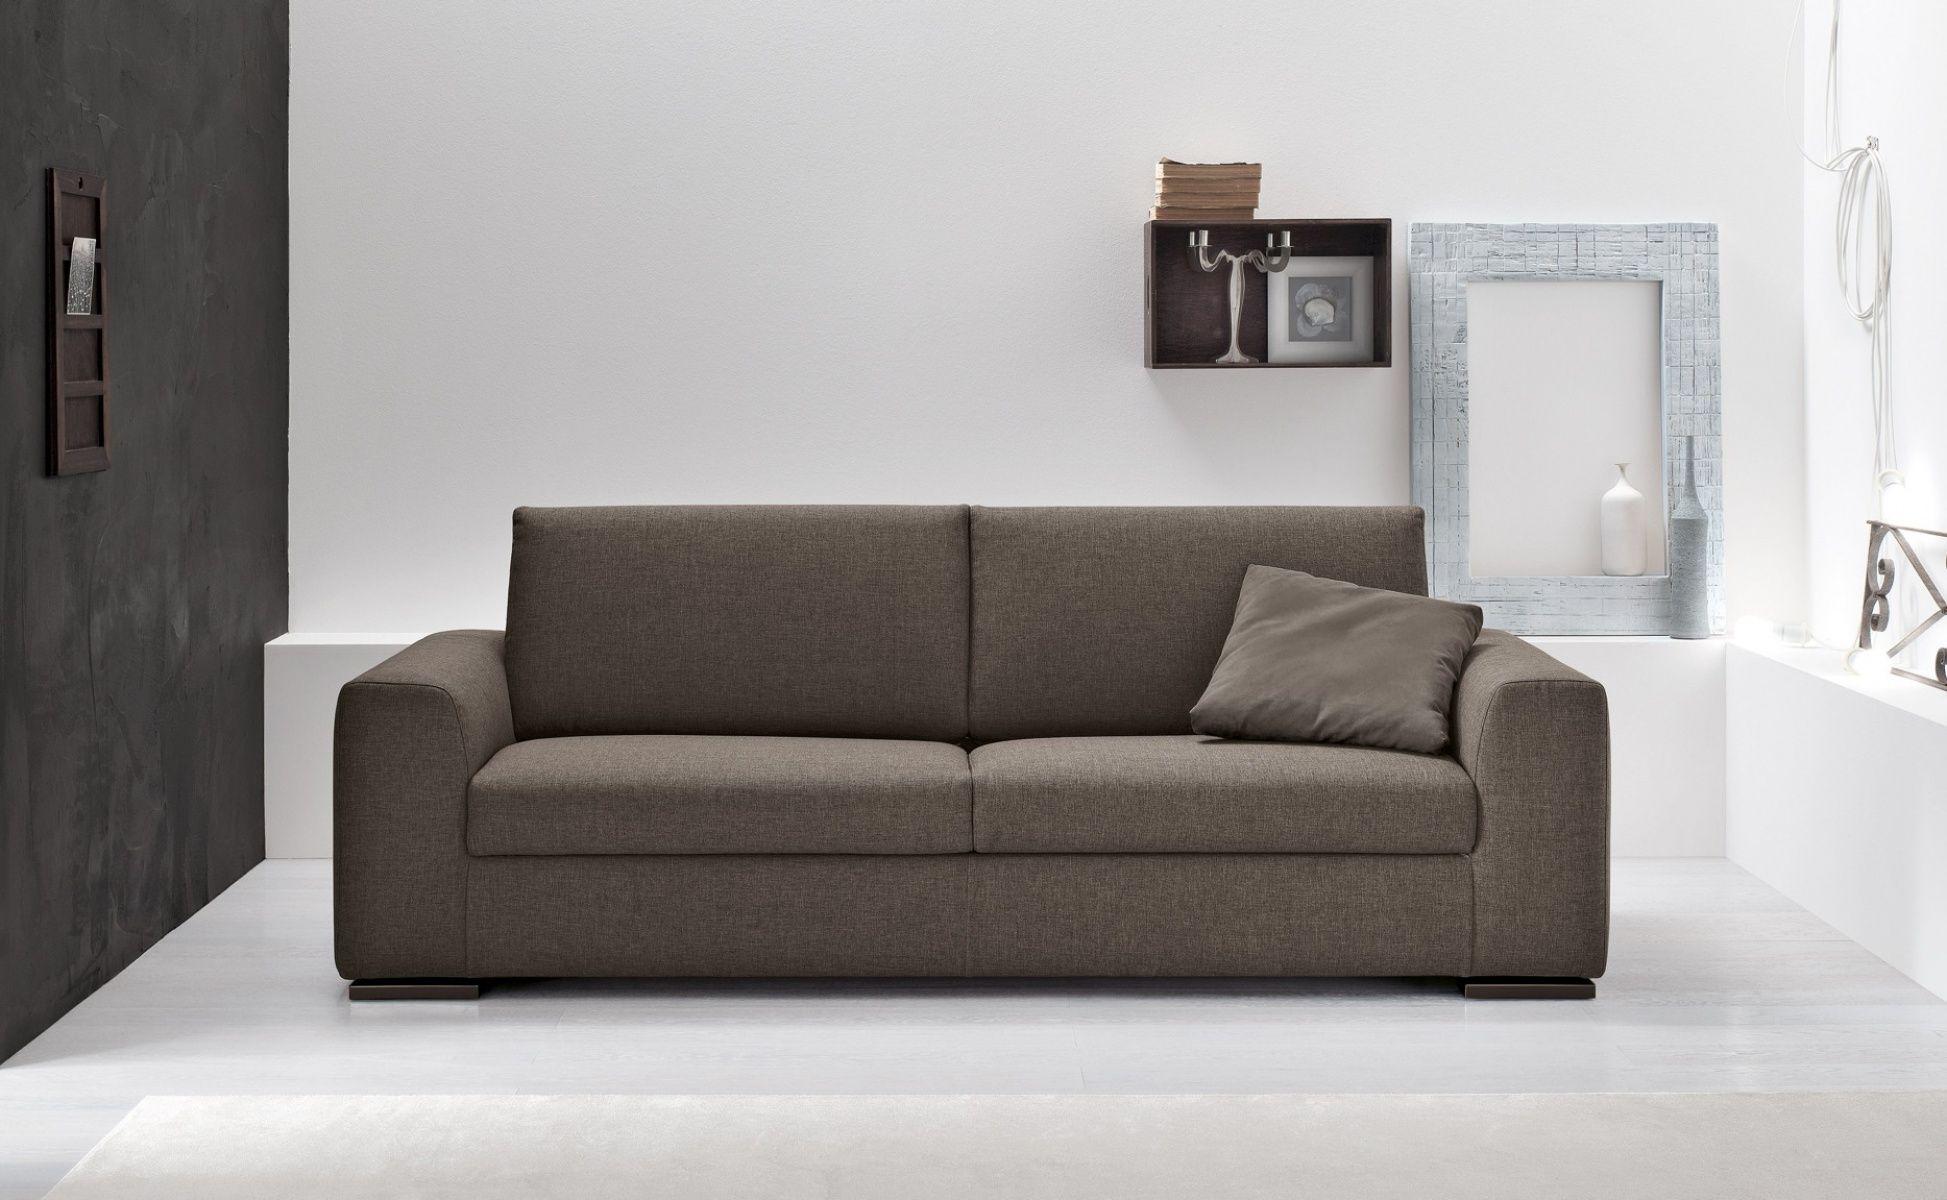 Divano Colorato ~ Prezzo u ac divano letto angolare sinistro colore light beige